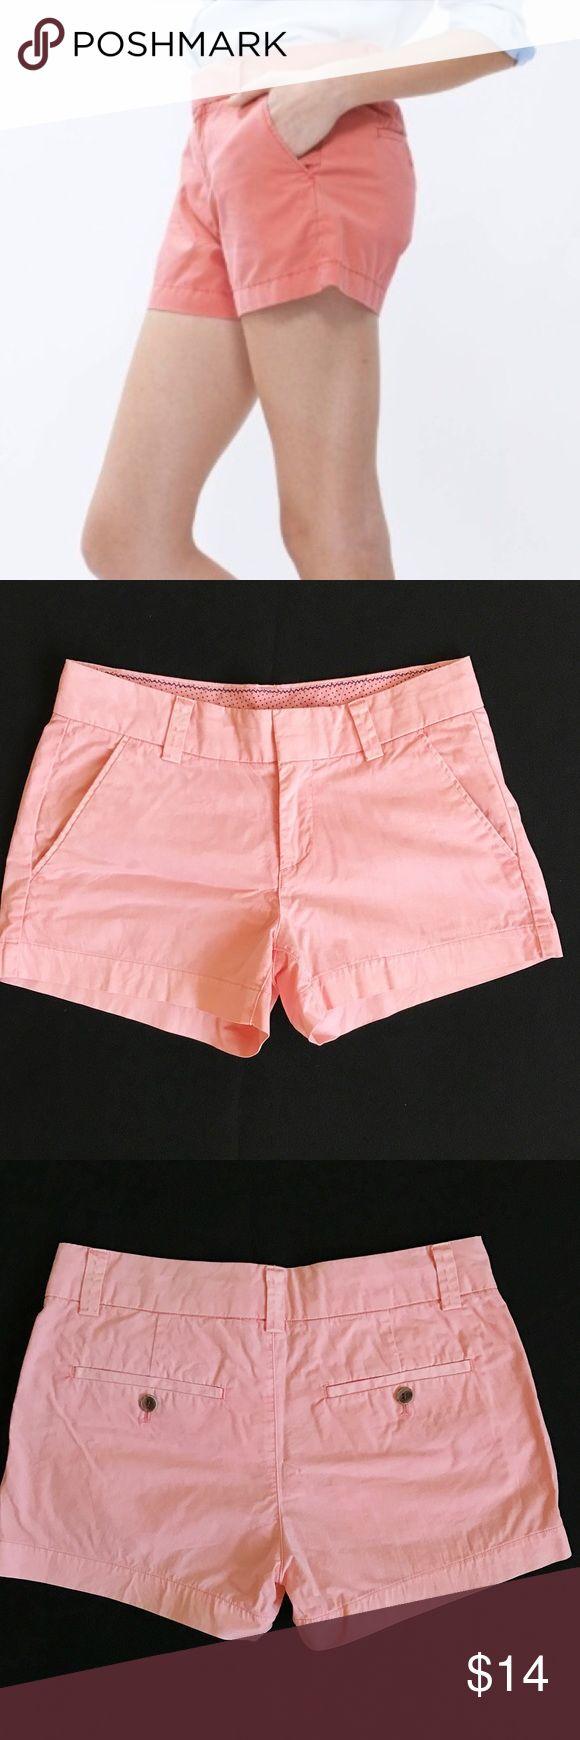 Uniqlo Pink Shorts Uniqlo salmon pink shorts. Such a pretty color and in great condition! Uniqlo Shorts